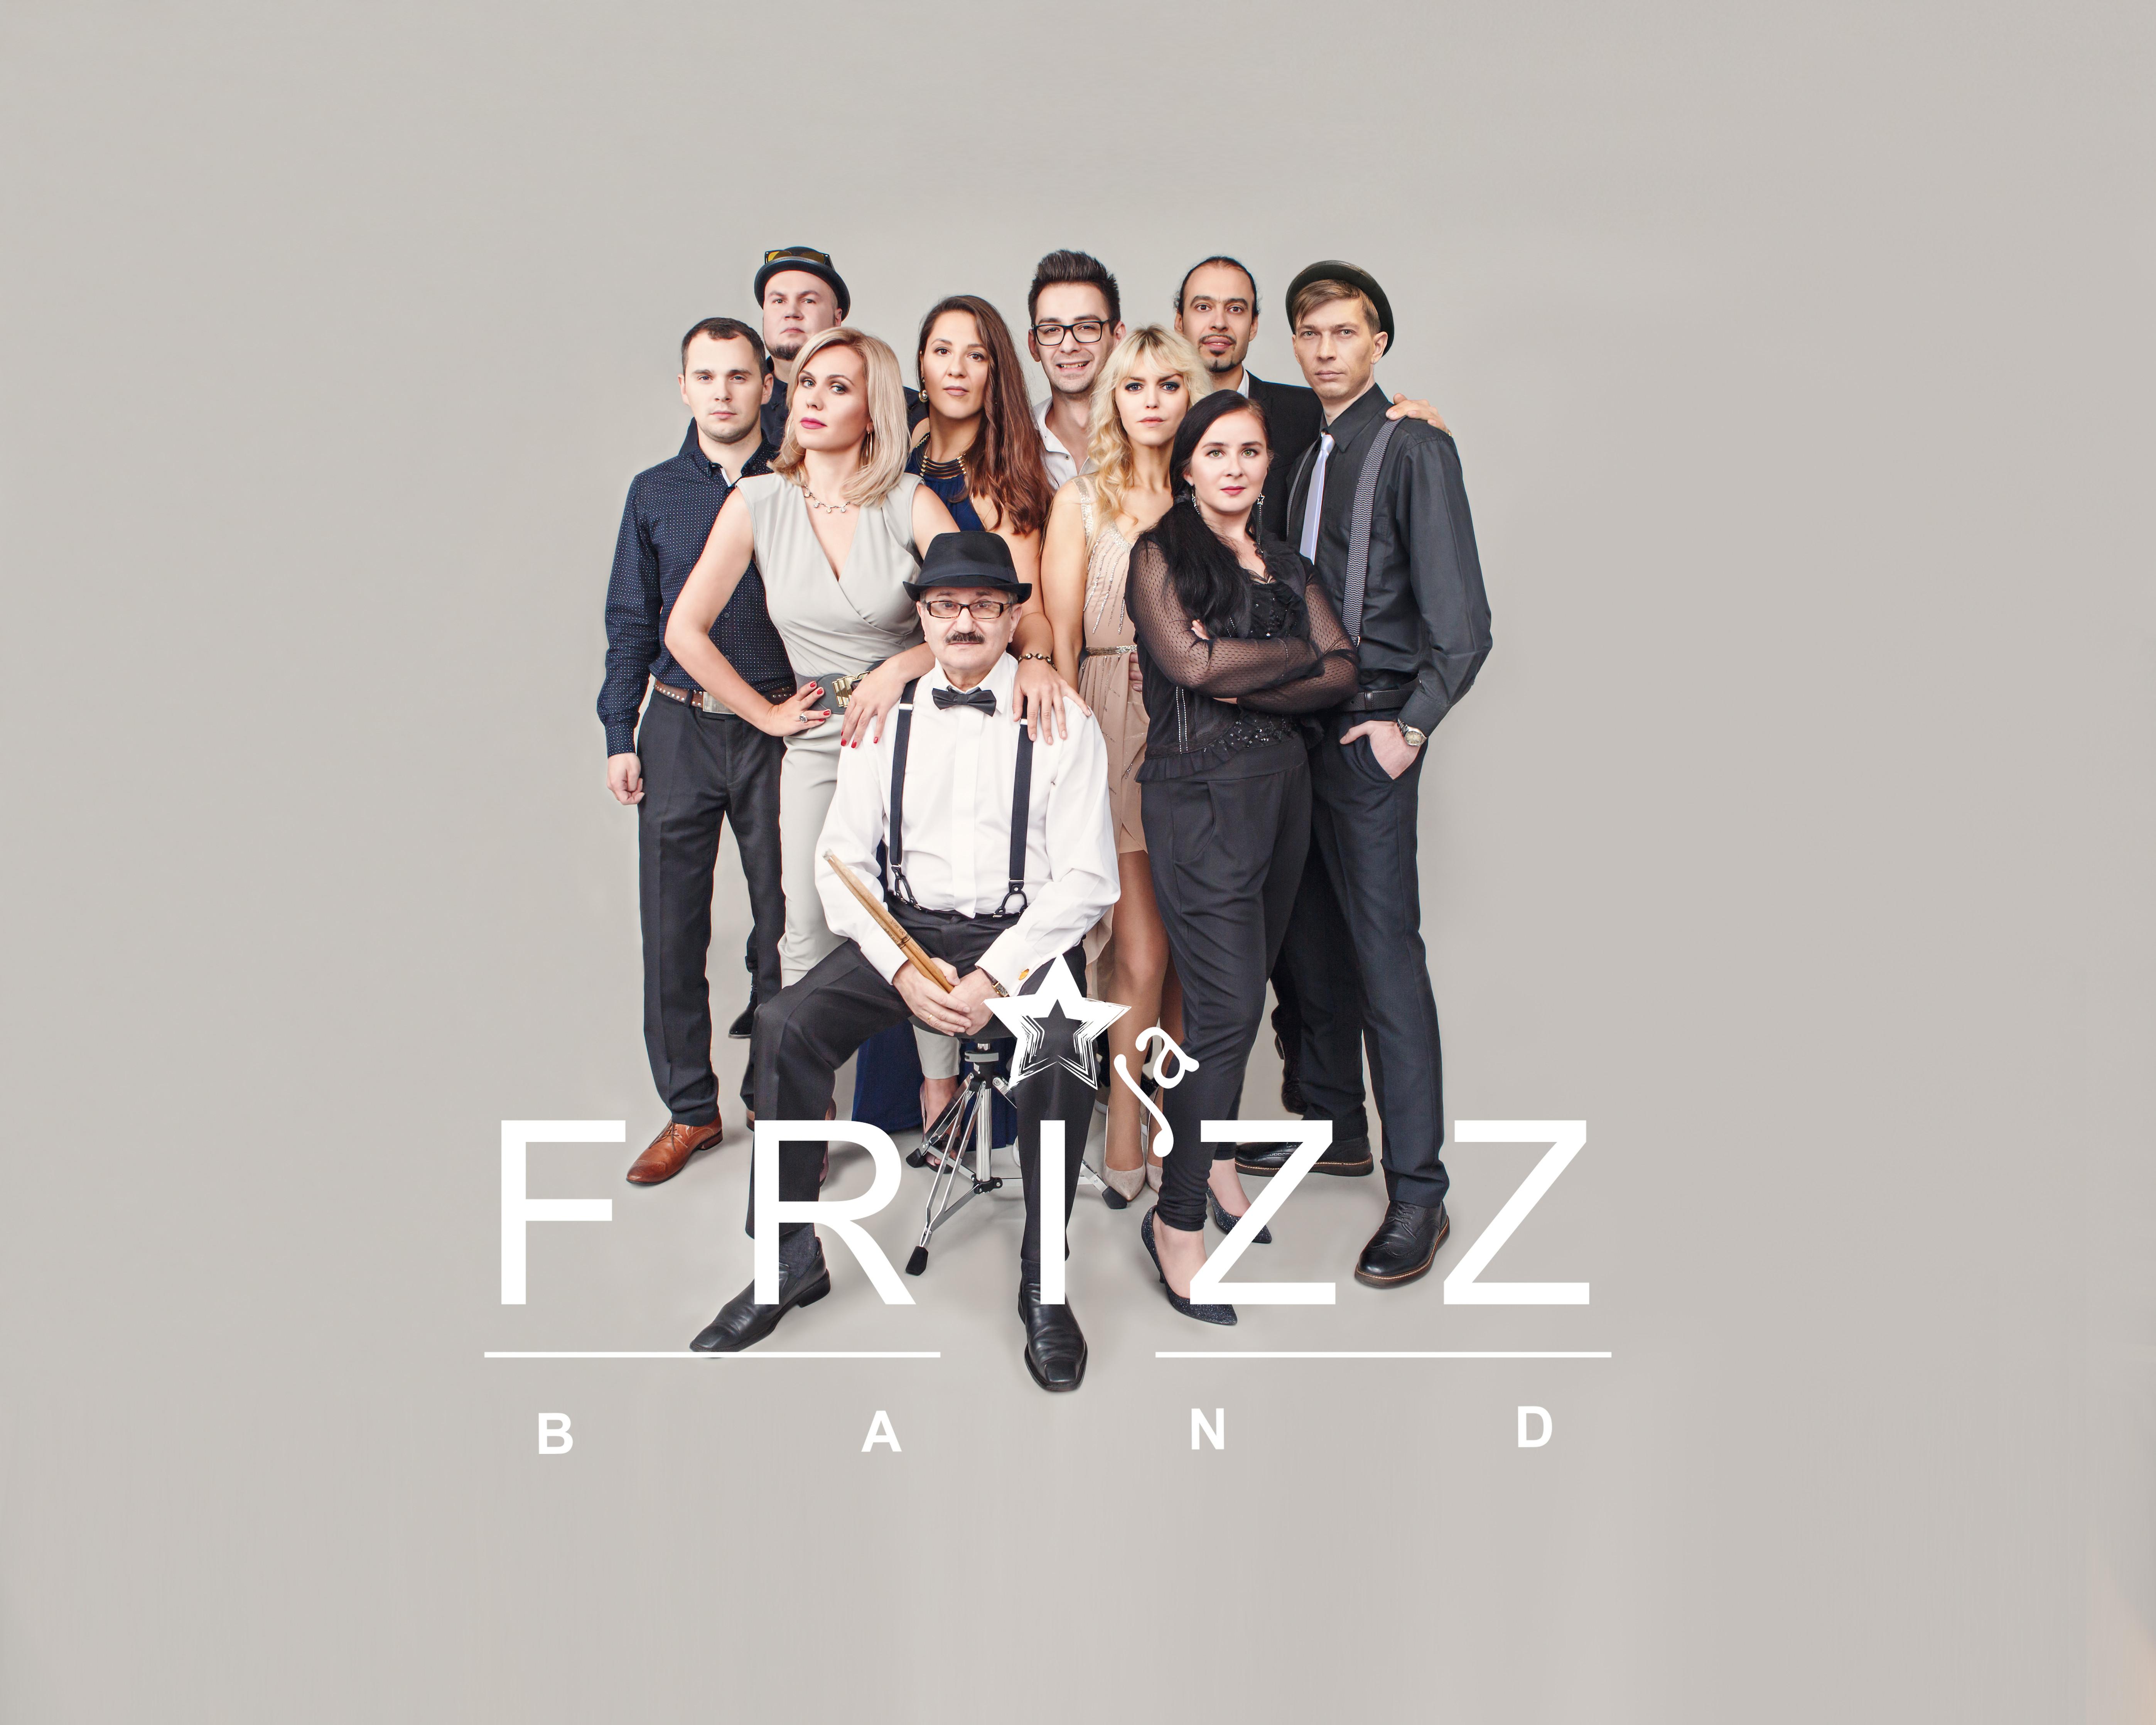 FRI'ZZ полный состав, 7 музыкантов